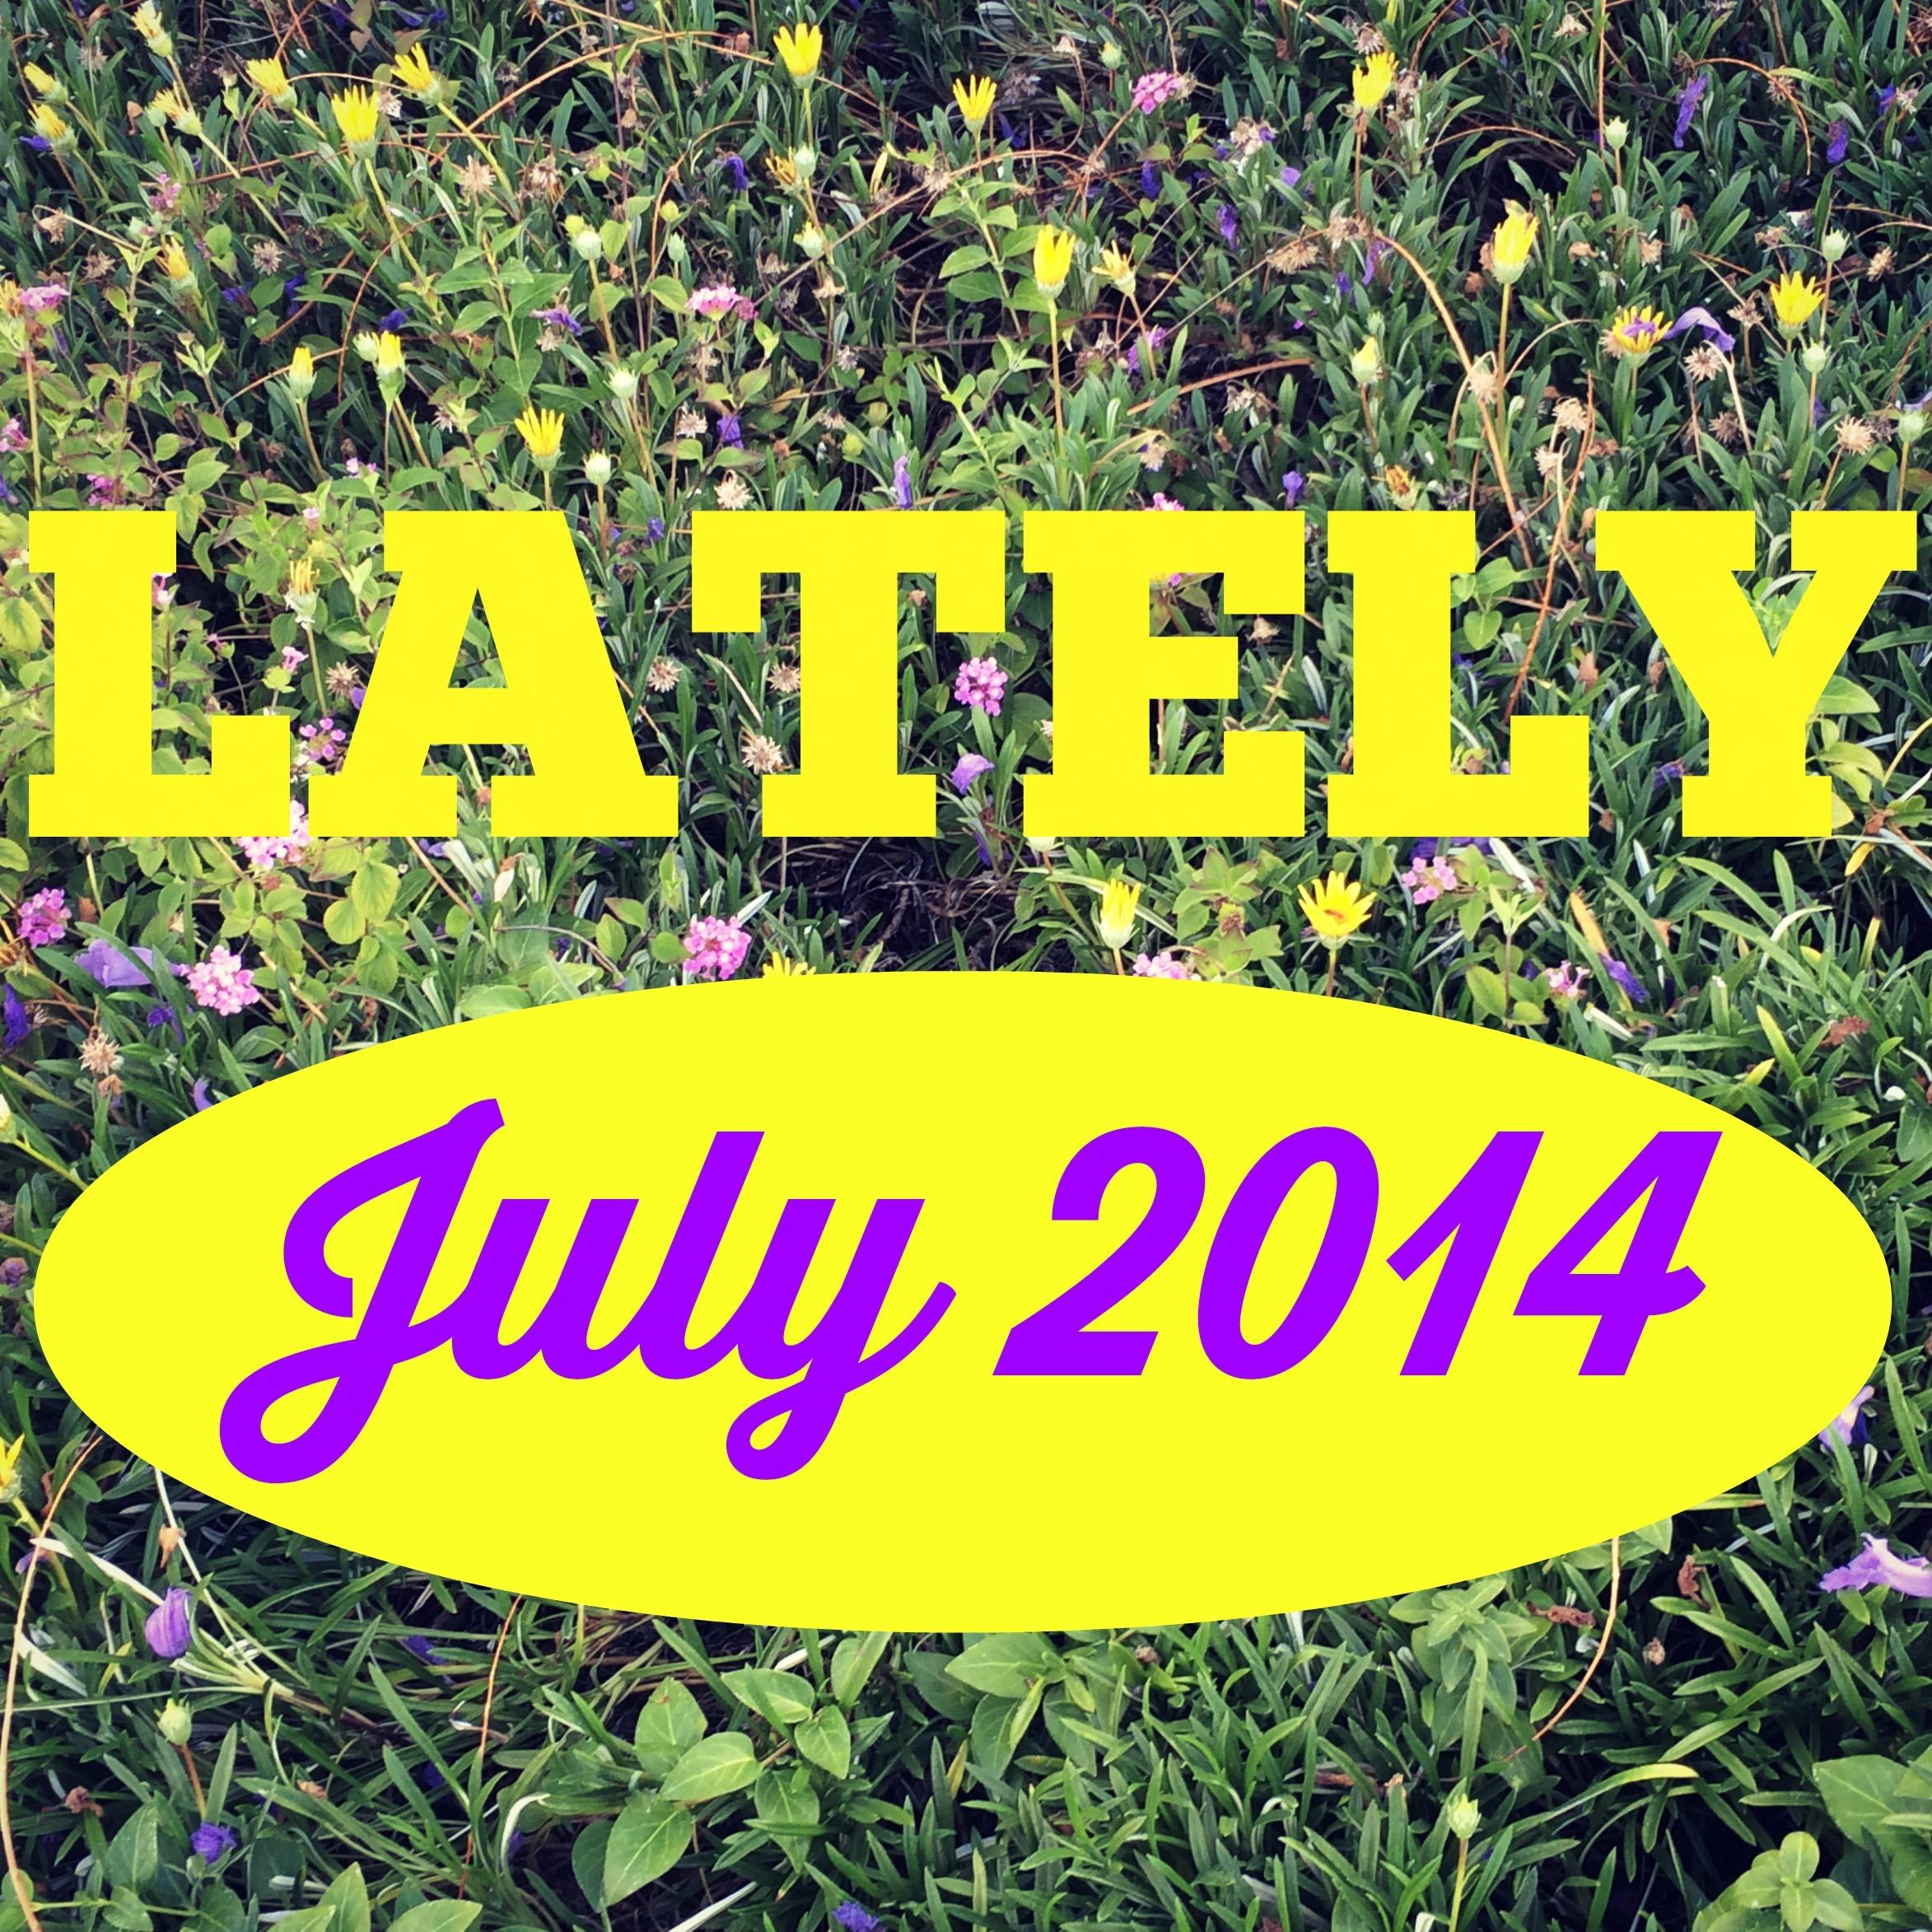 Lately // July 2014